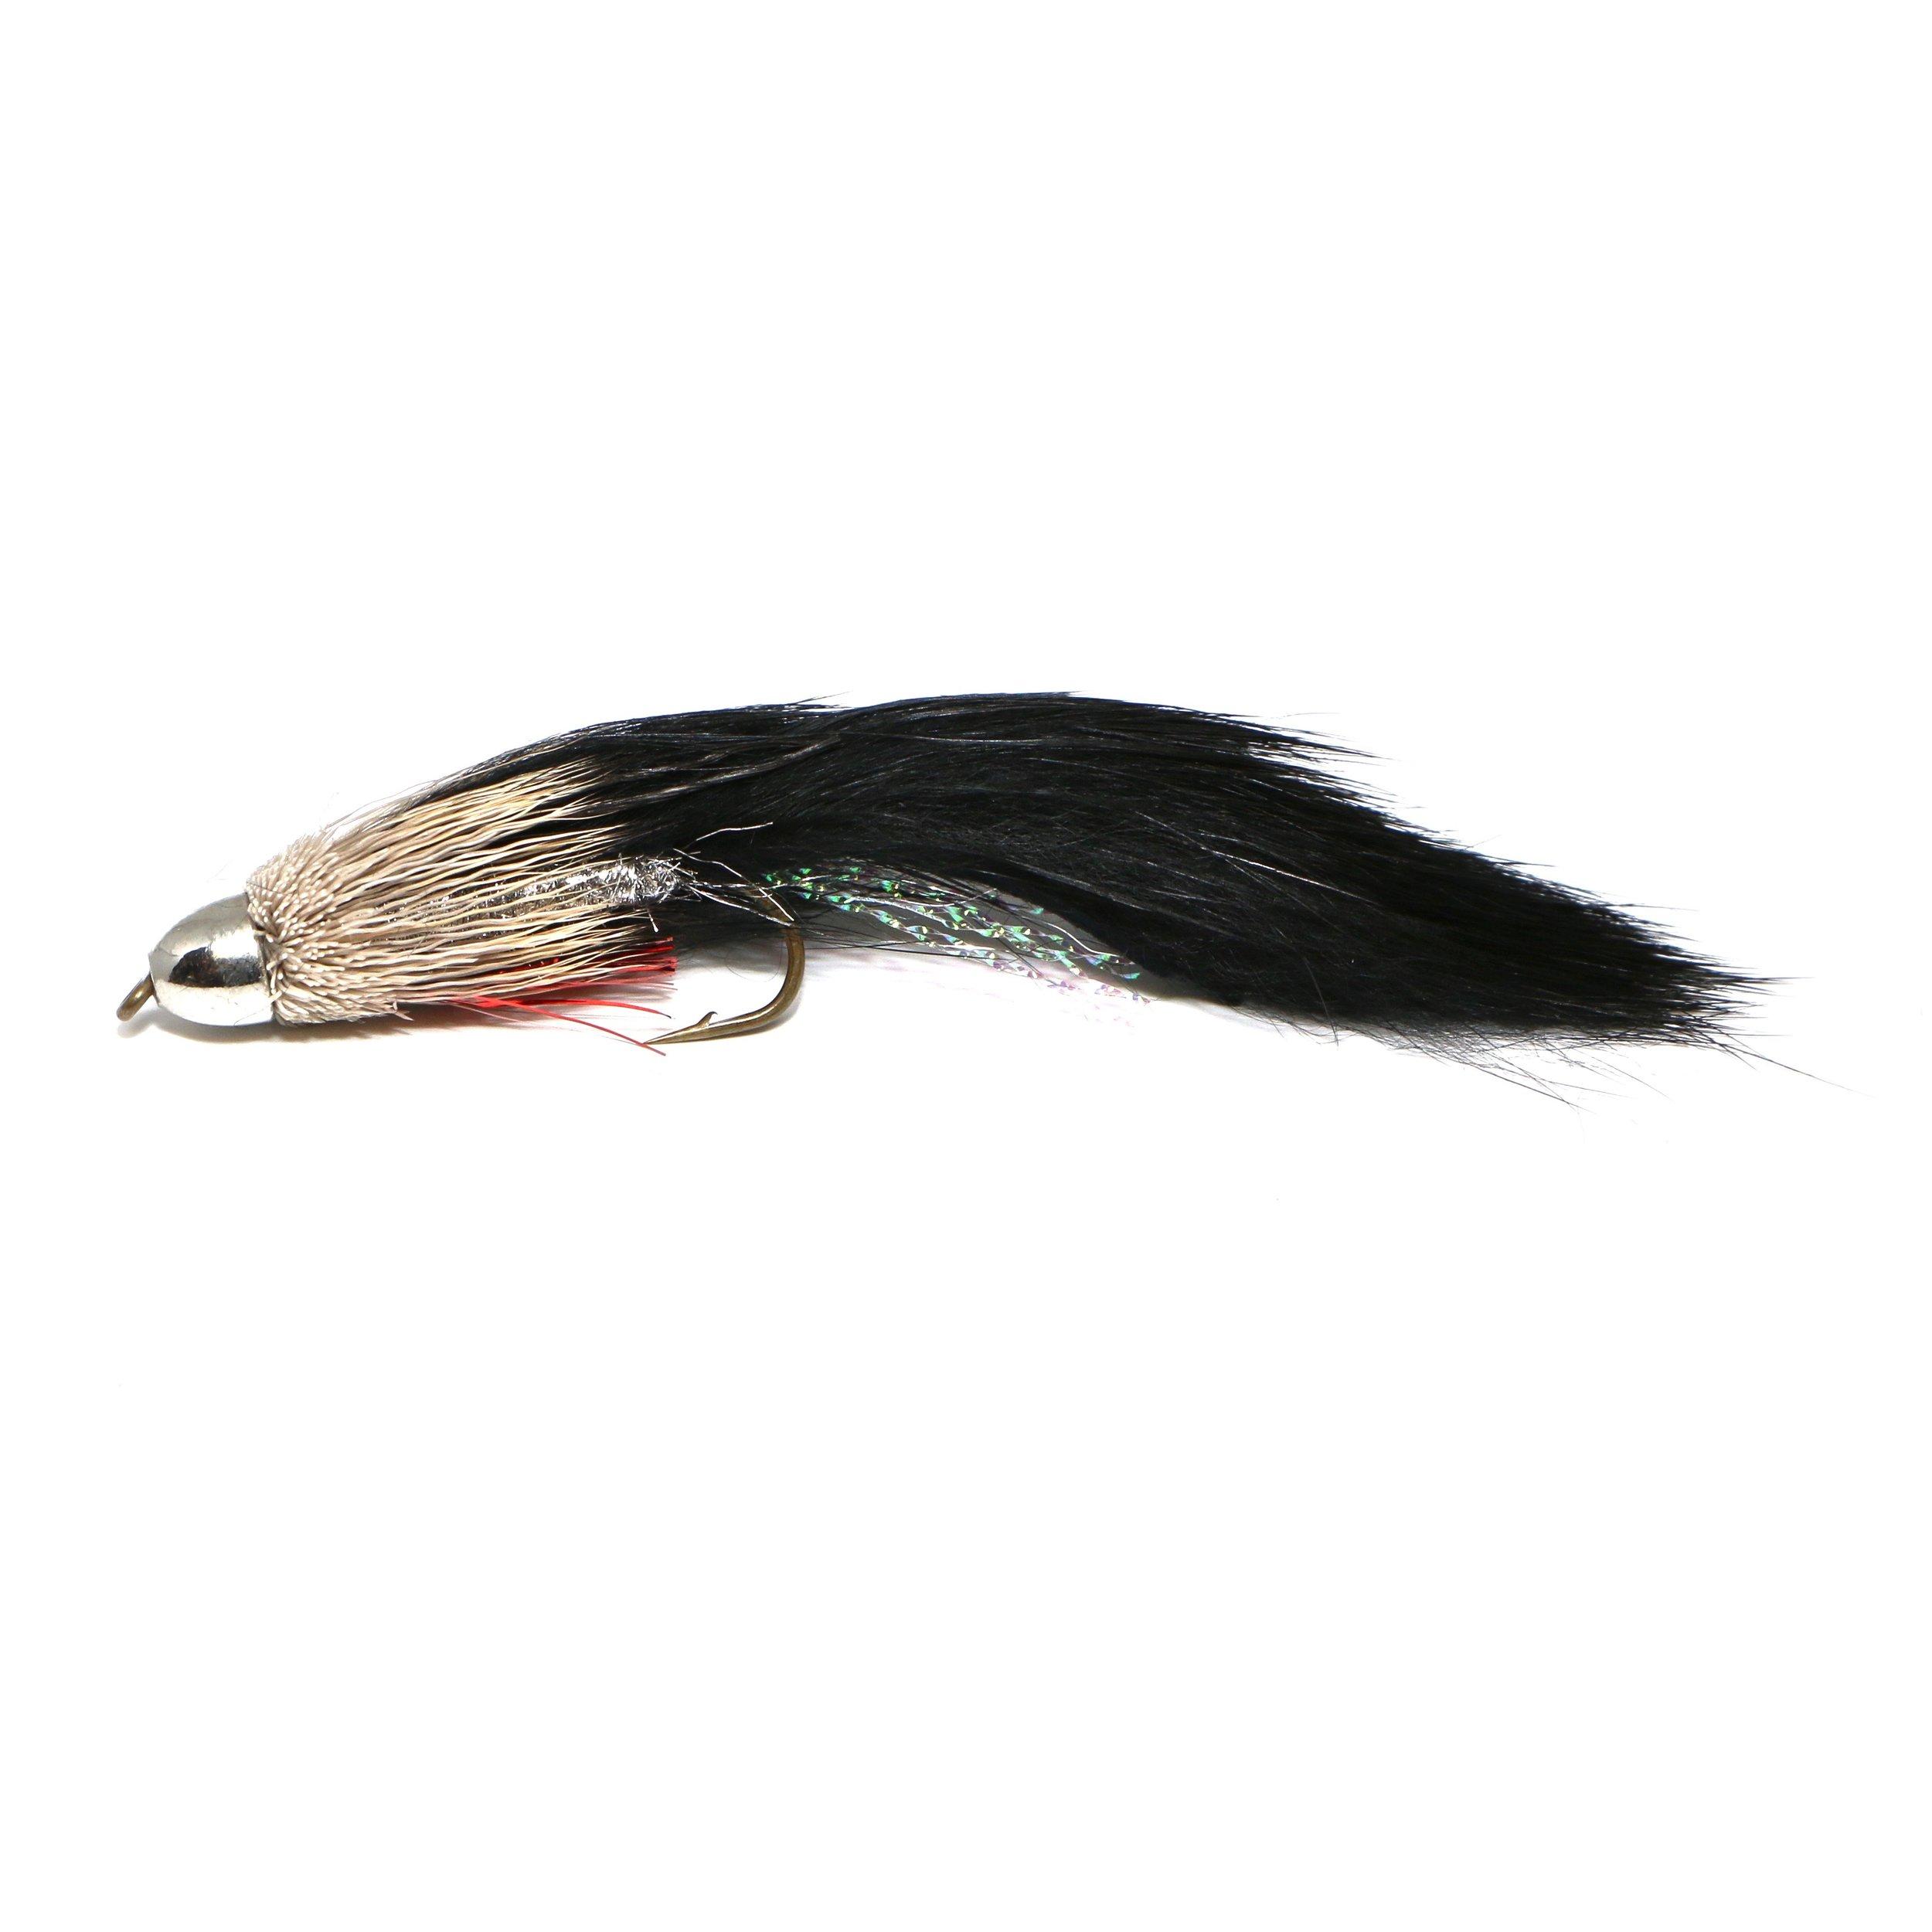 Muddy Budy Black -  https://ironbowflyshop.ca/products/ch-muddy-buddy